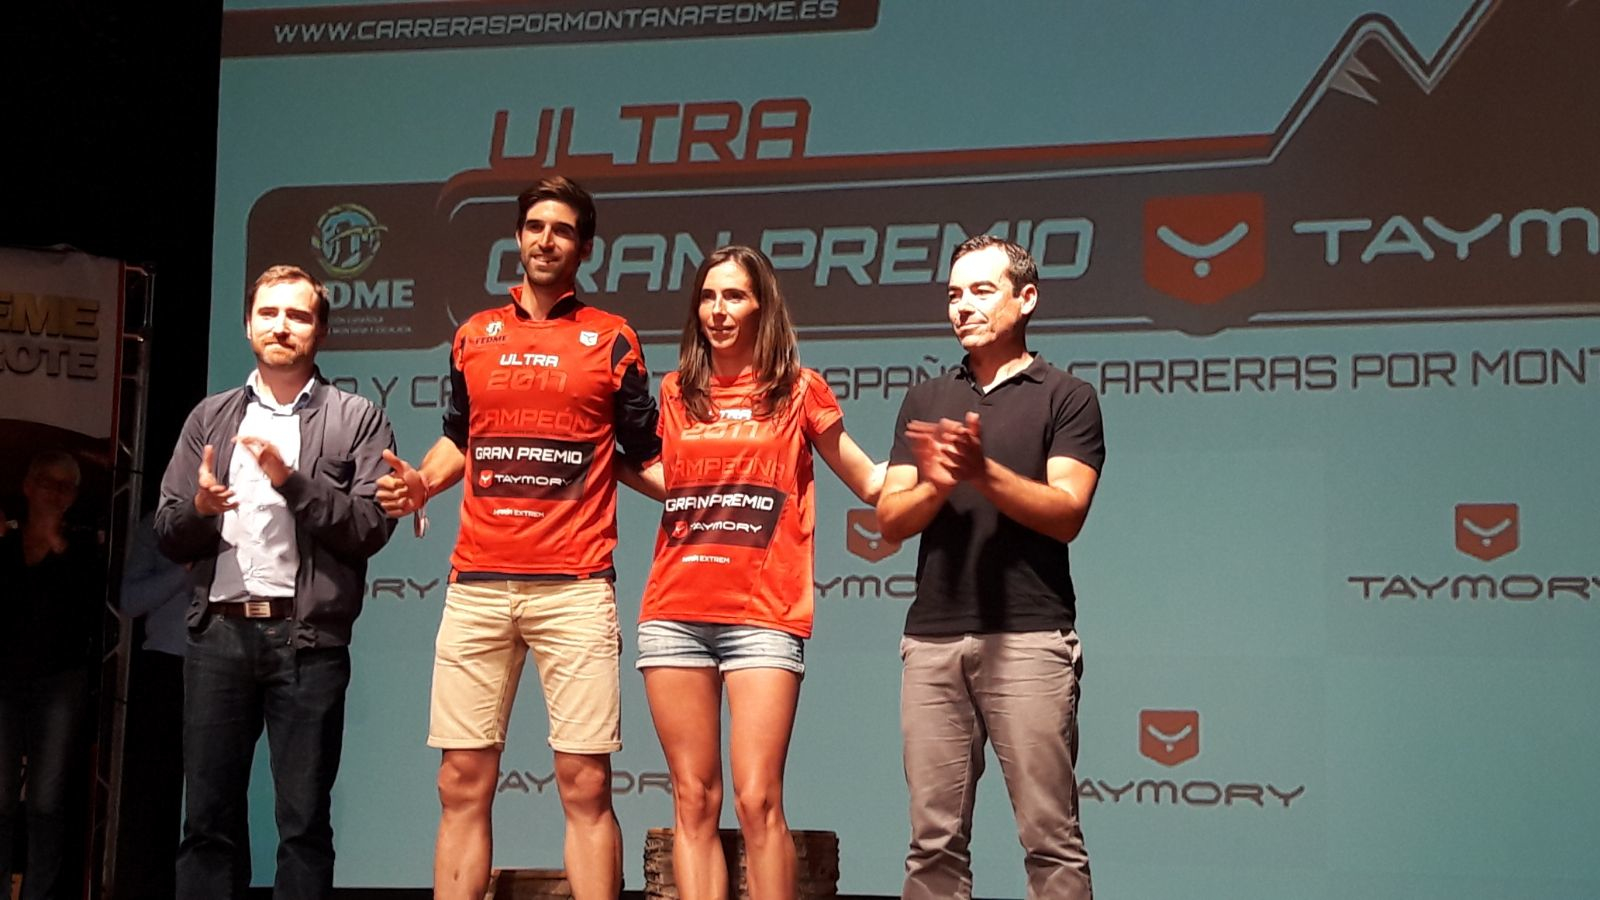 Iván Cuesta y Marta Escudero se adjudican la Copa de España de Carreras por Montaña Ultra - Gran Premio Taymory en una Haría Extreme Lanzarote ganada